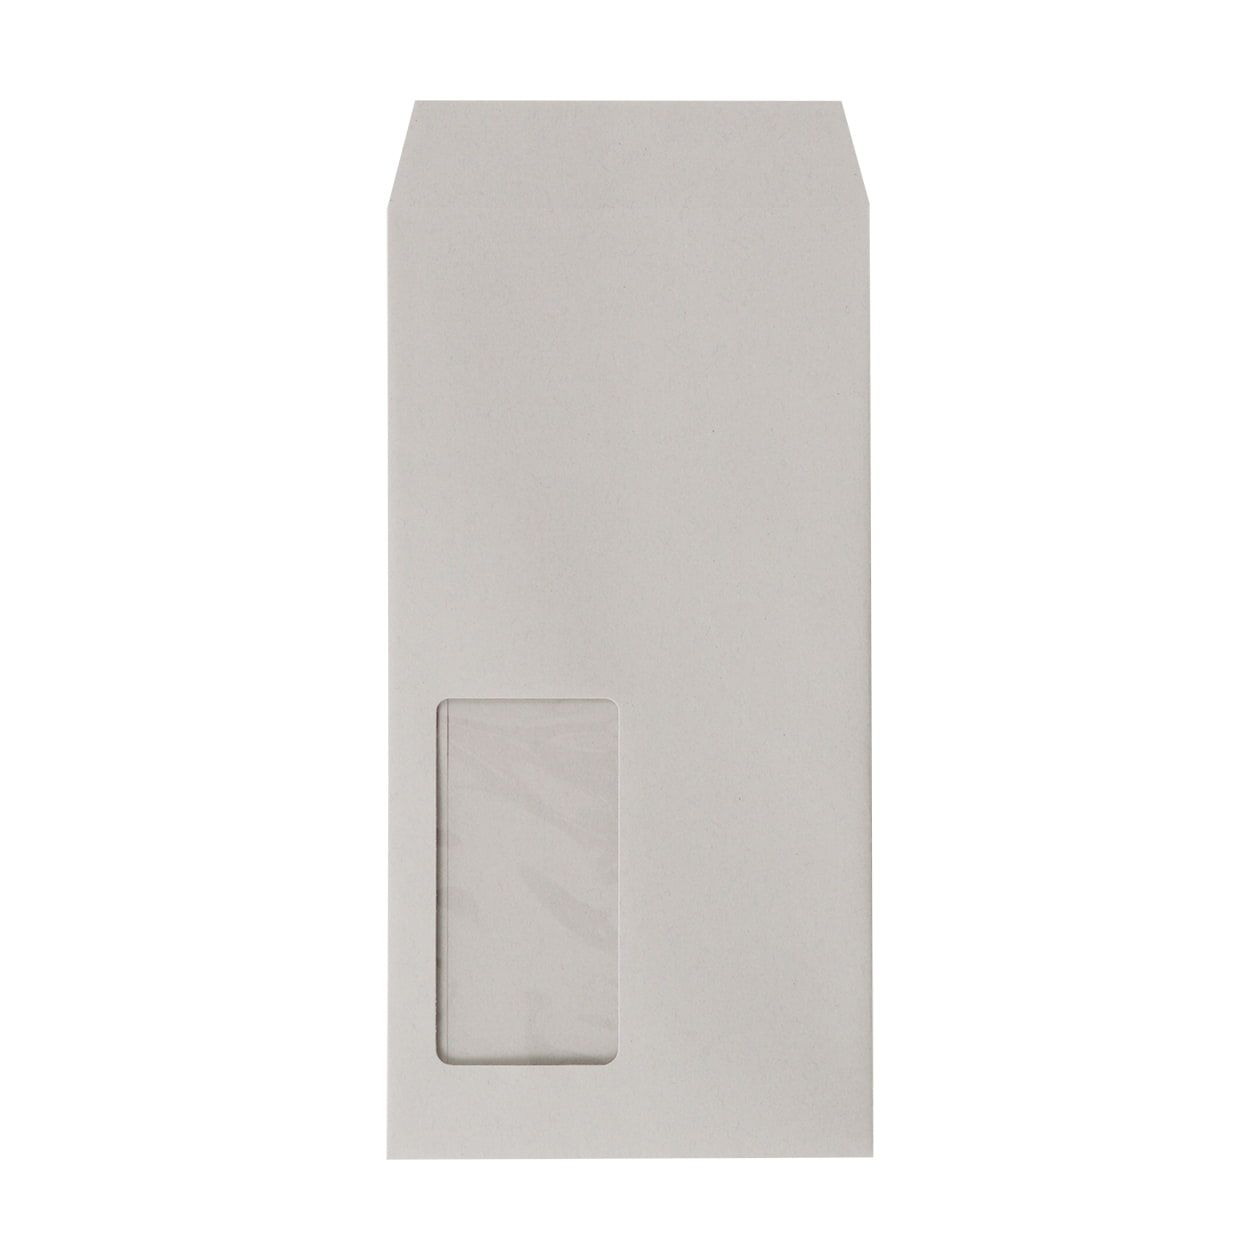 長3窓封筒 HAGURUMA Basic ライナーグレイ 100g